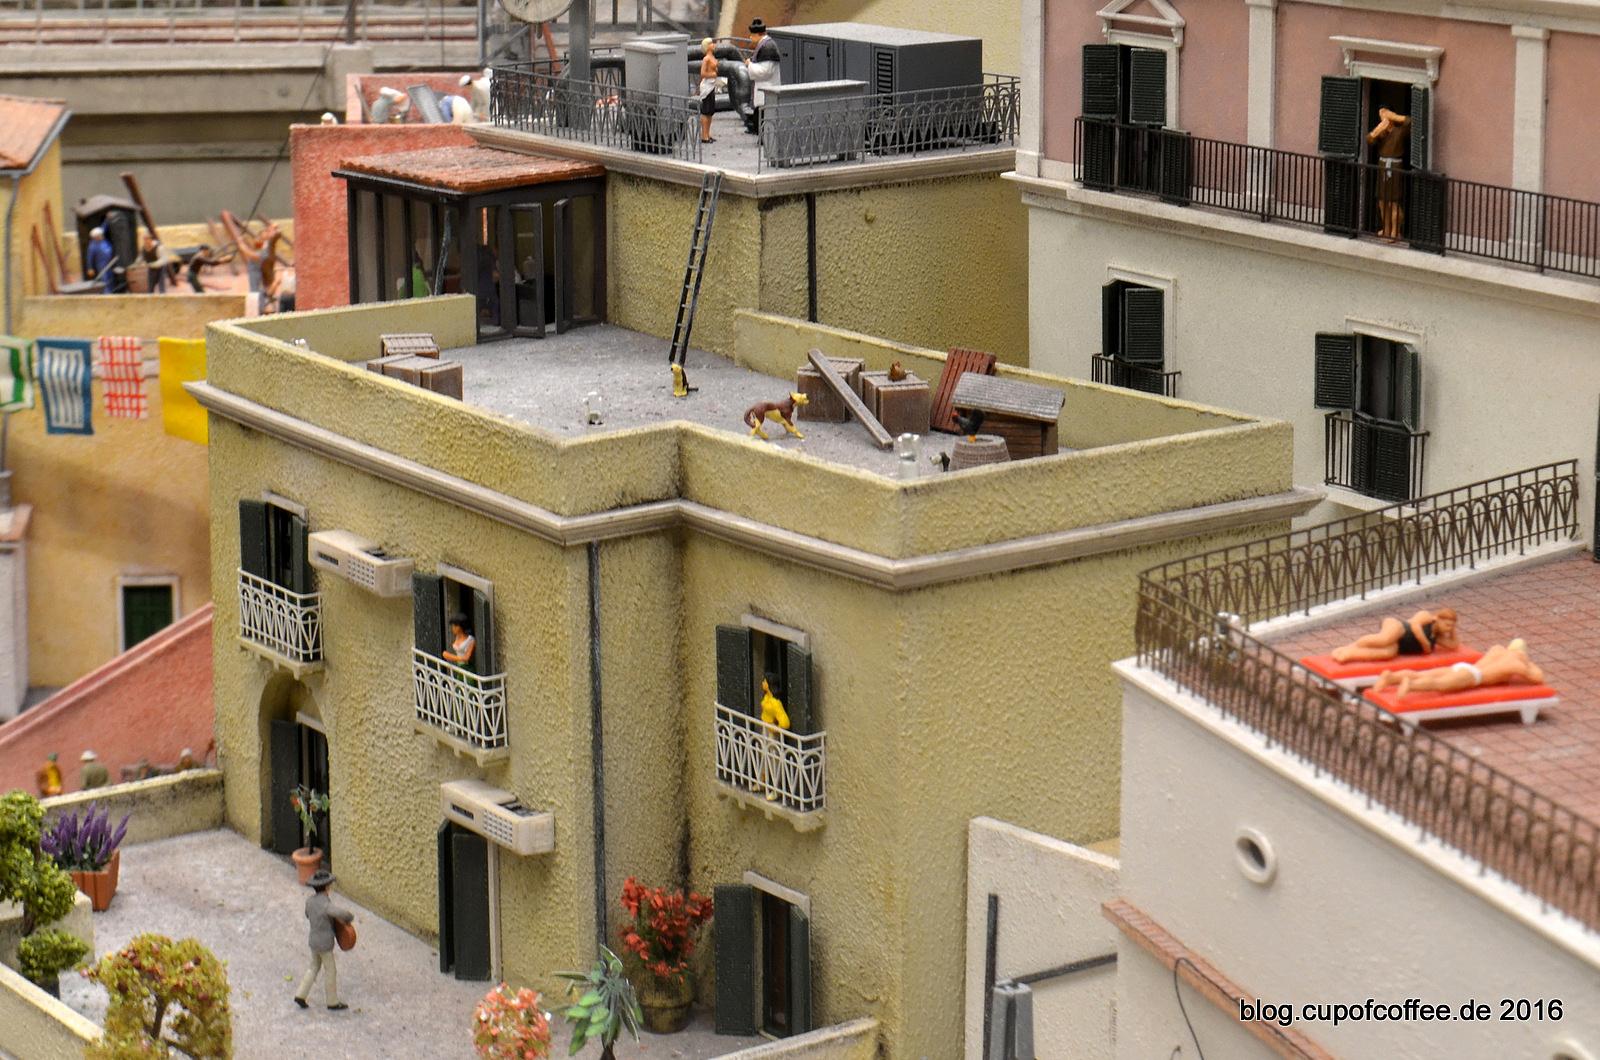 Atranis Dächer wurden liebevoll ausgestaltet.